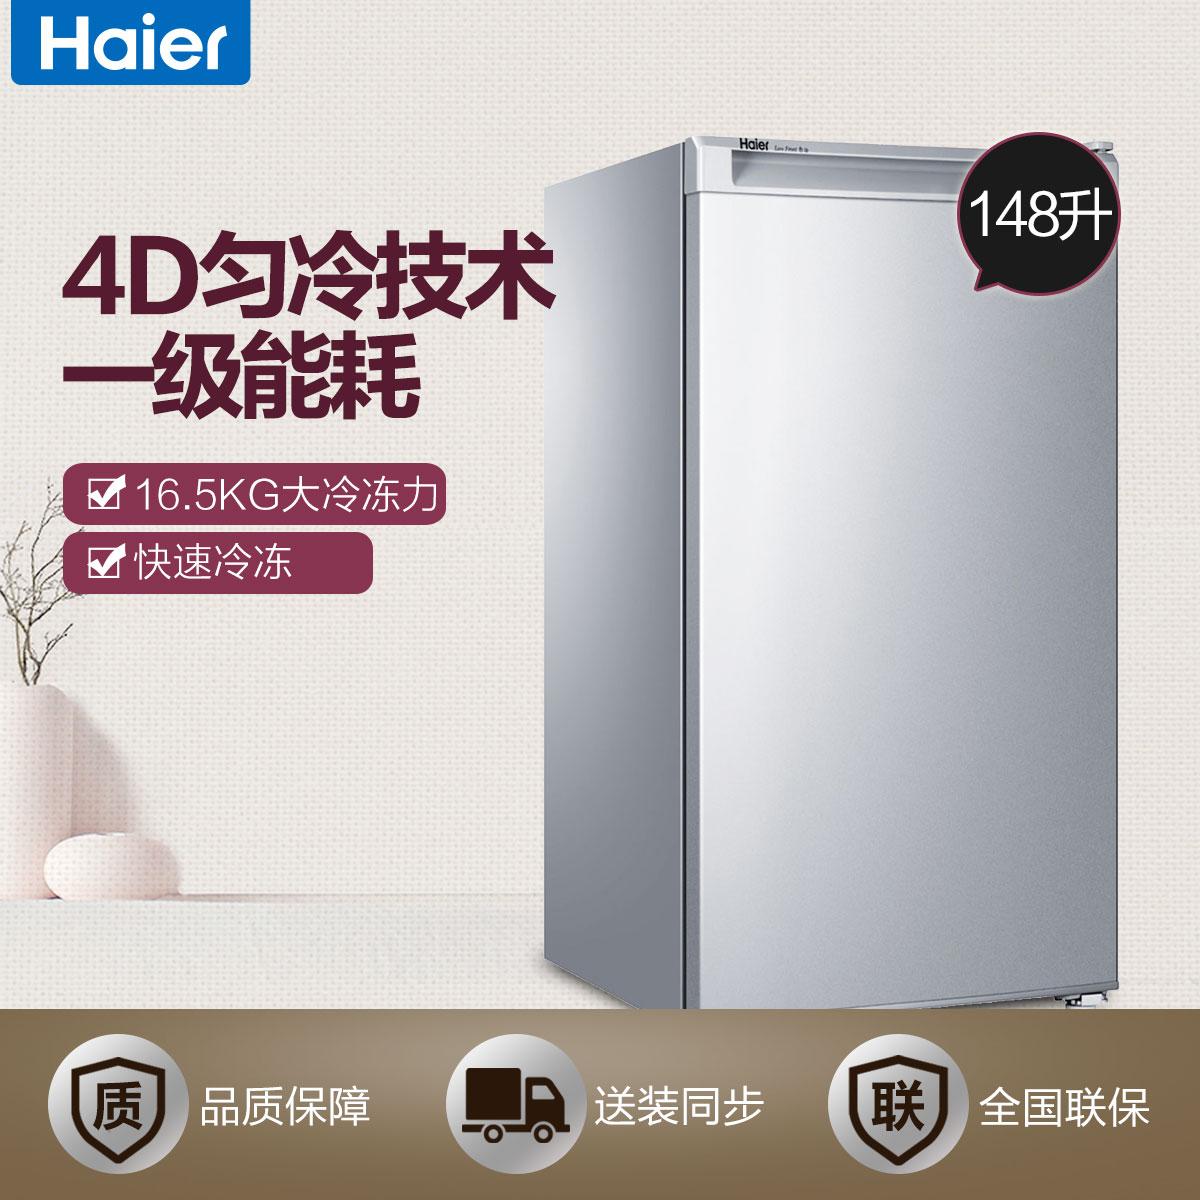 BD-148DL 148升 分区大抽屉 家用立式冷冻柜 冷冻冰箱 高端冰柜 茶叶柜 母乳储存柜